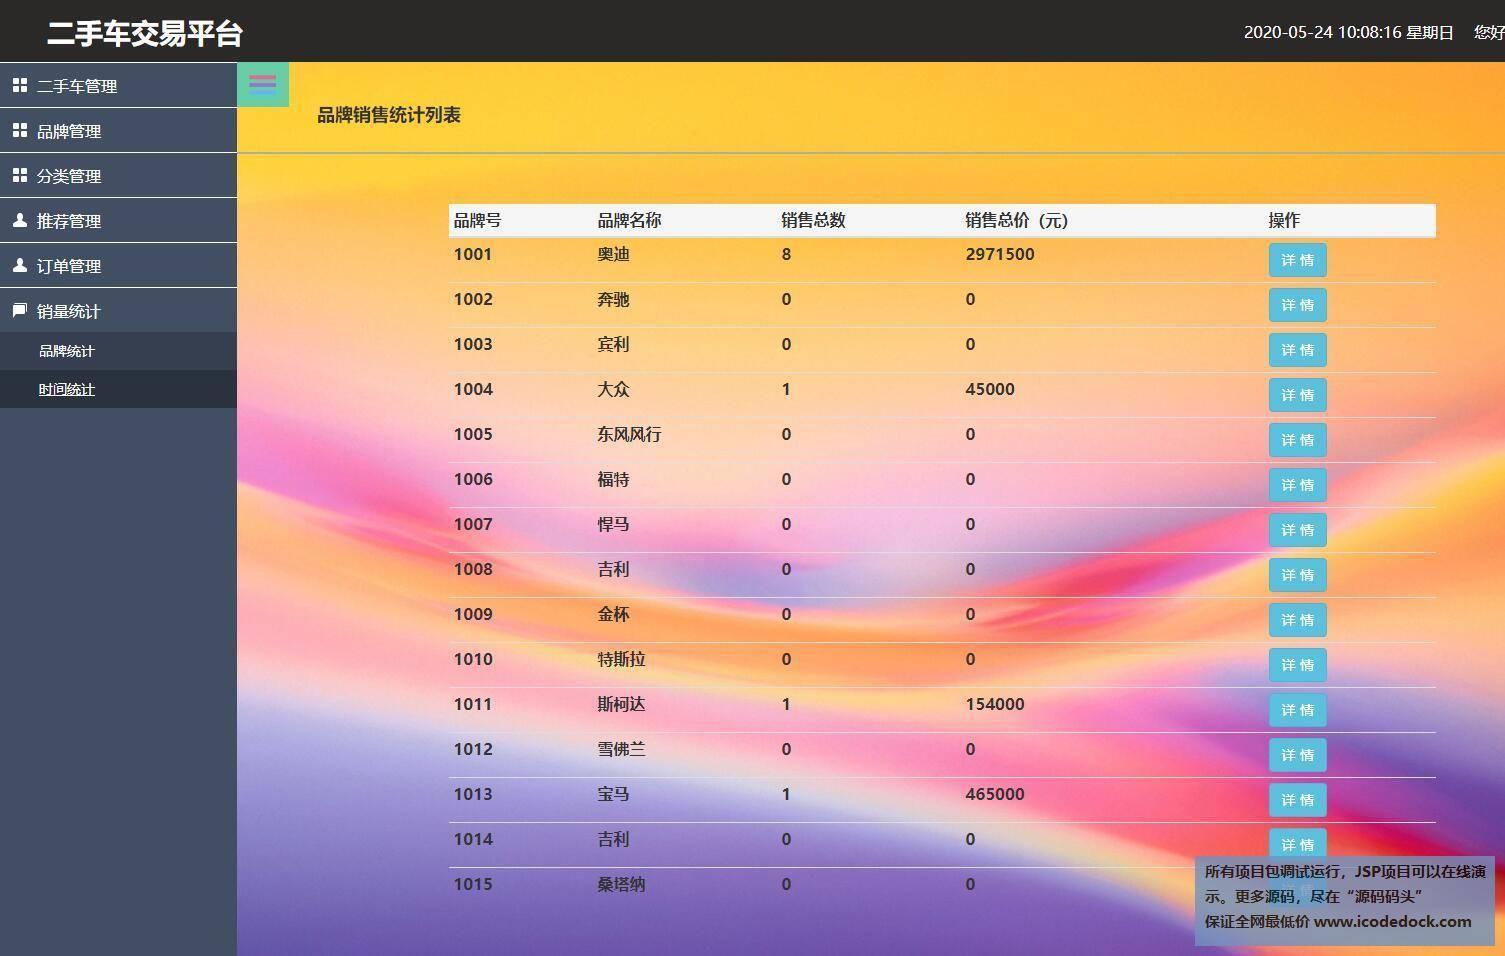 源码码头-SSM二手汽车交易商城网站管理系统-管理员角色-销量统计